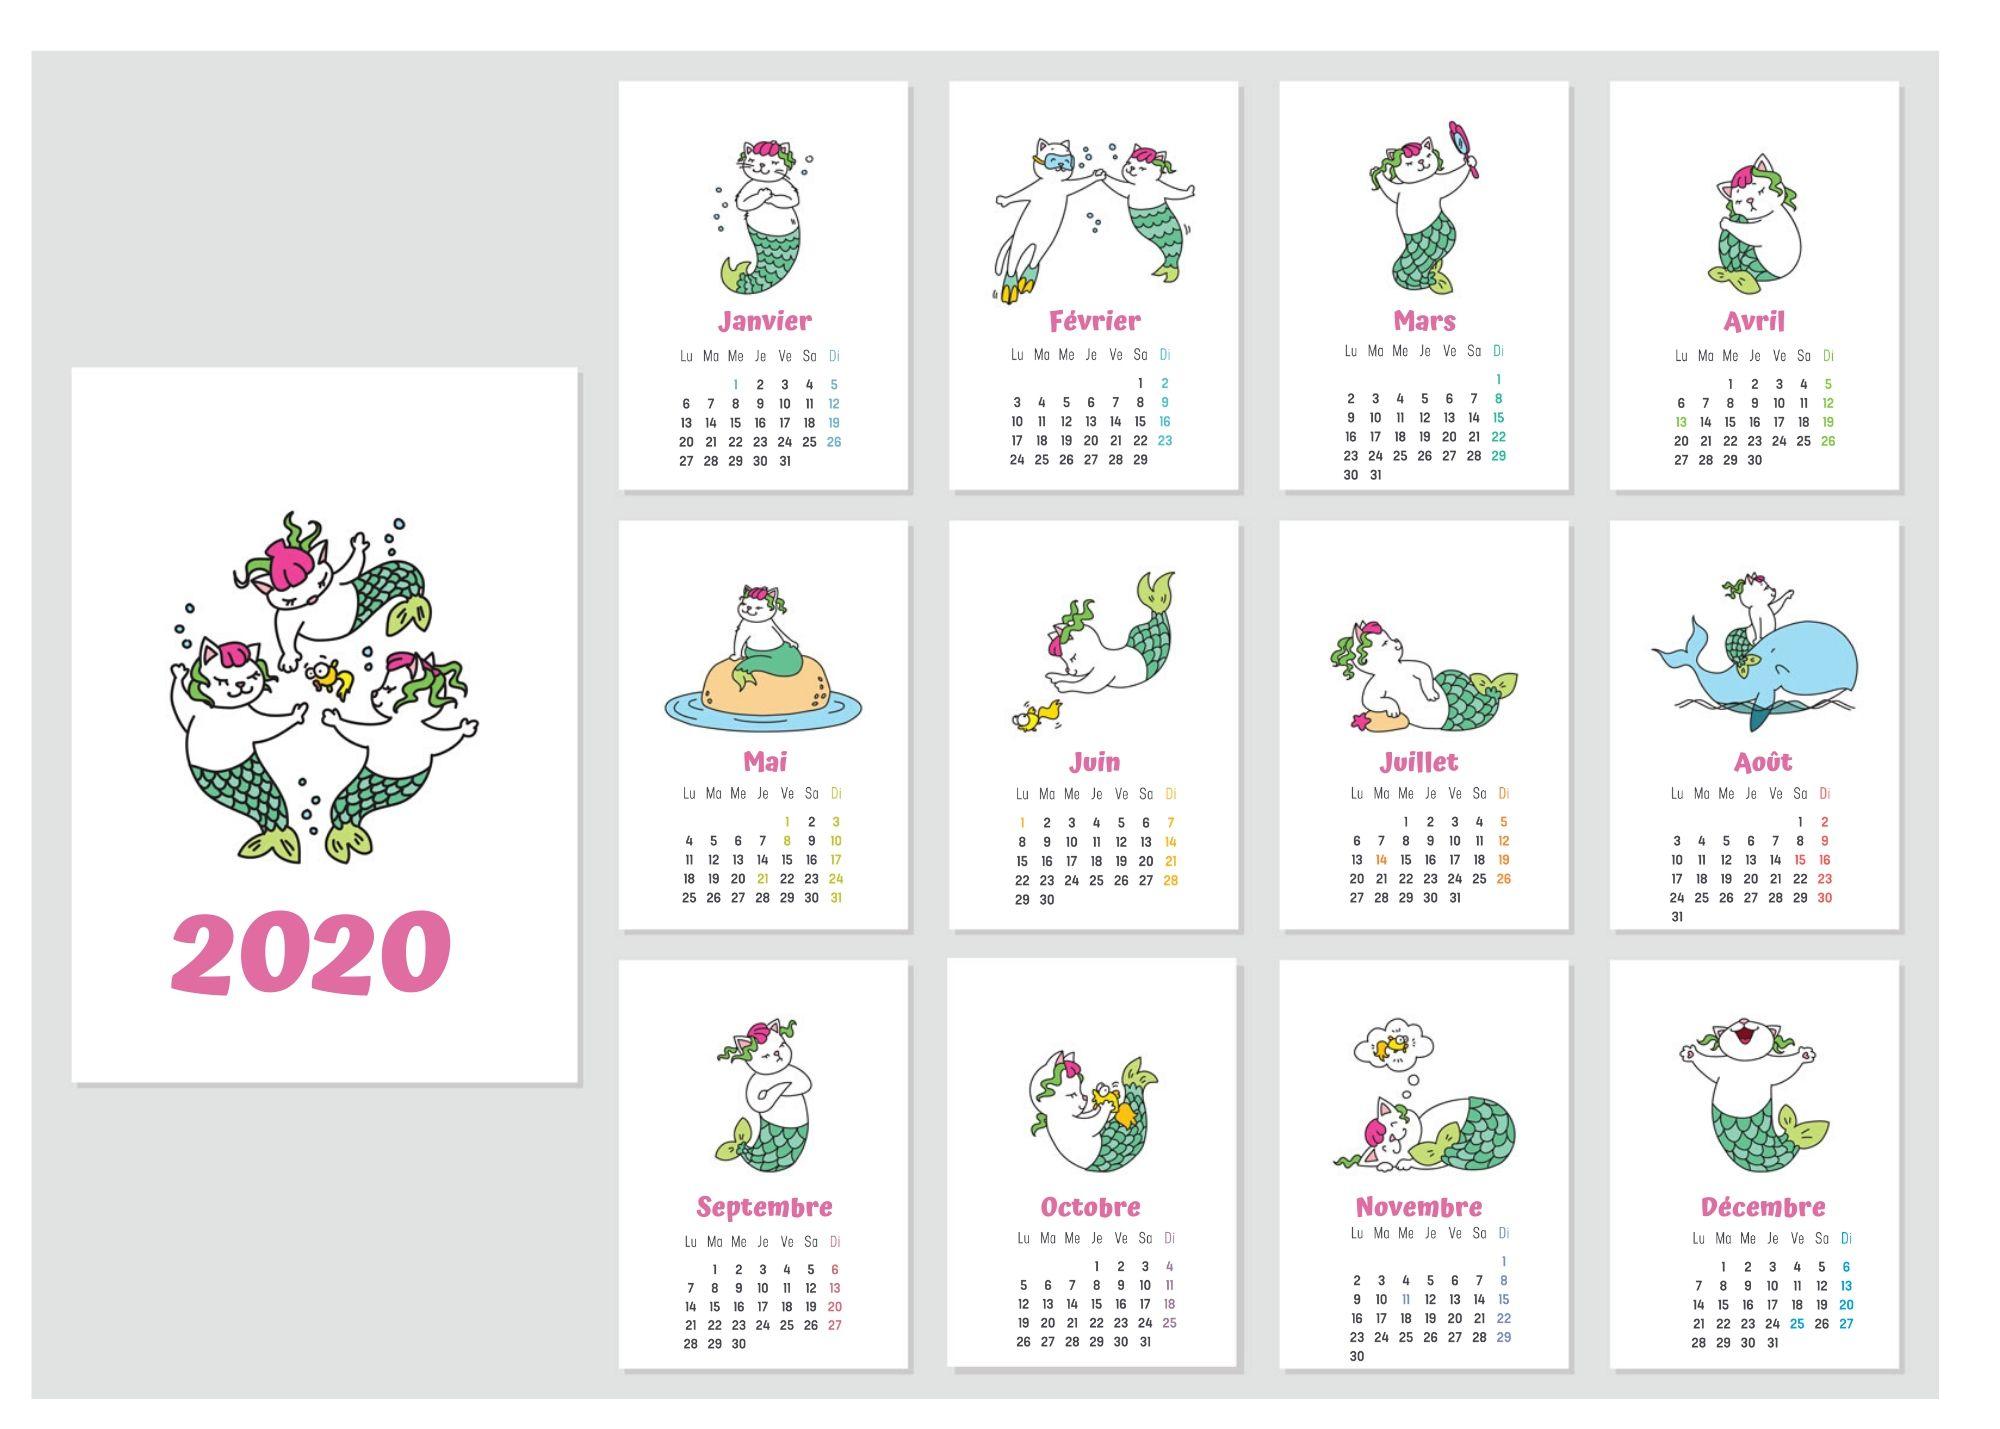 Calendriers 2020 À Imprimer Pour Les Enfants dedans Calendrier Ludique À Imprimer